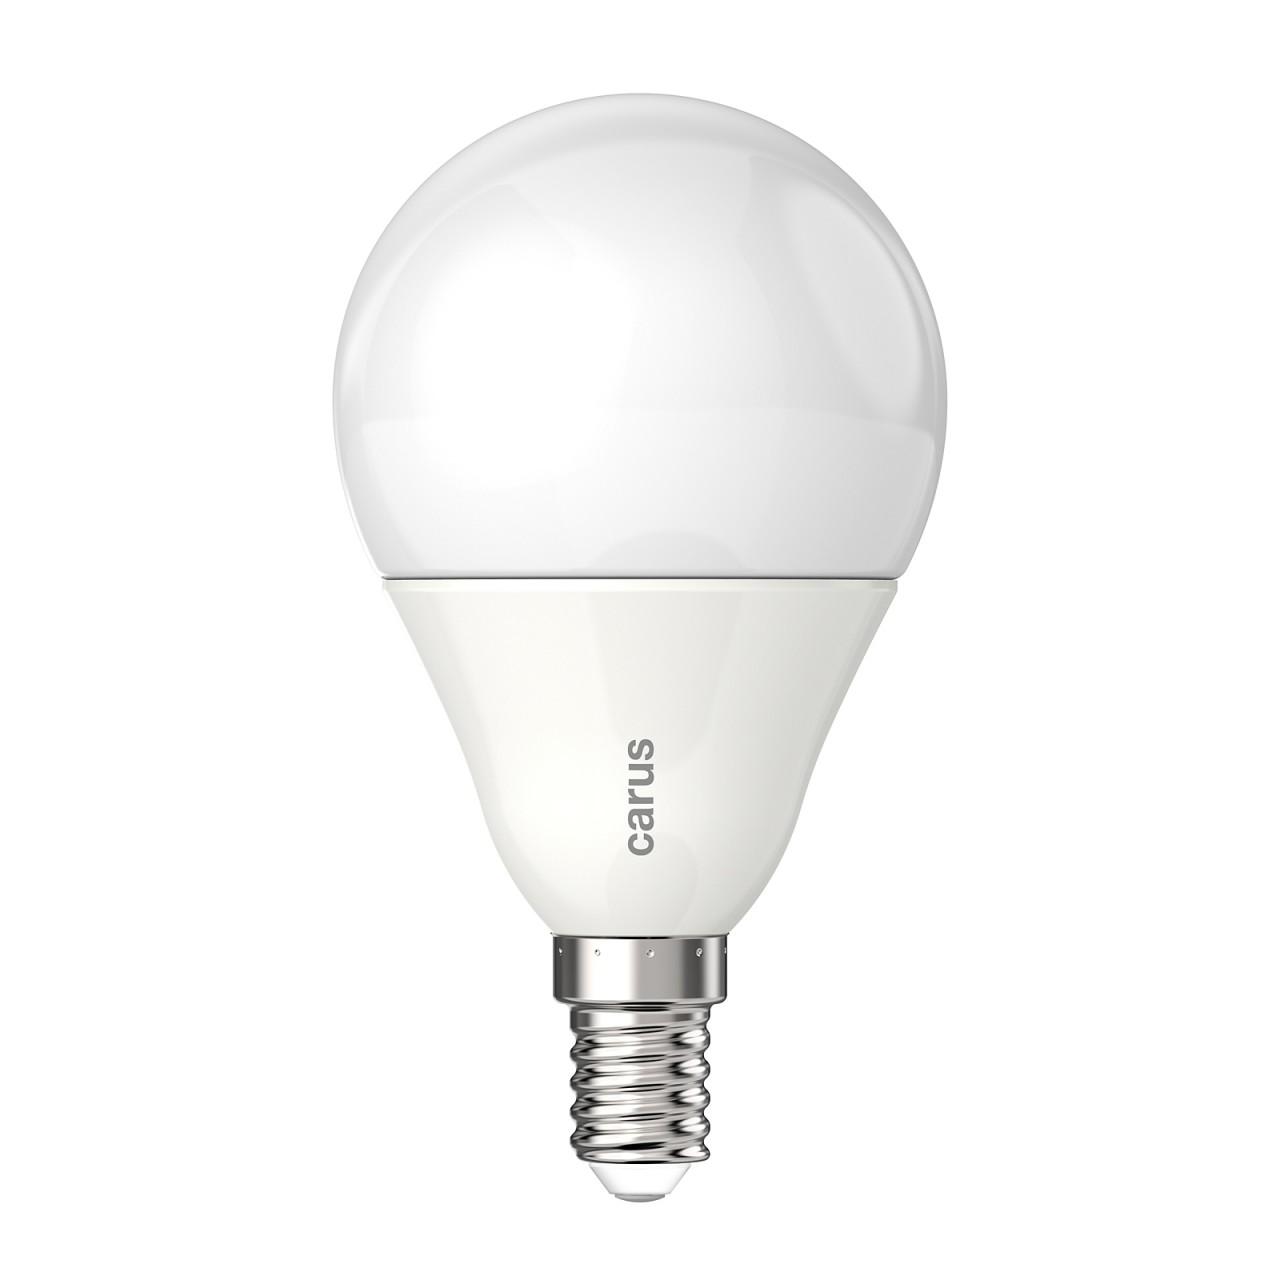 CARUS LED-LAMPE E14 MATT 8,3W=48W 600lm warmweiß 2700K dimmbar 90 Ra ...